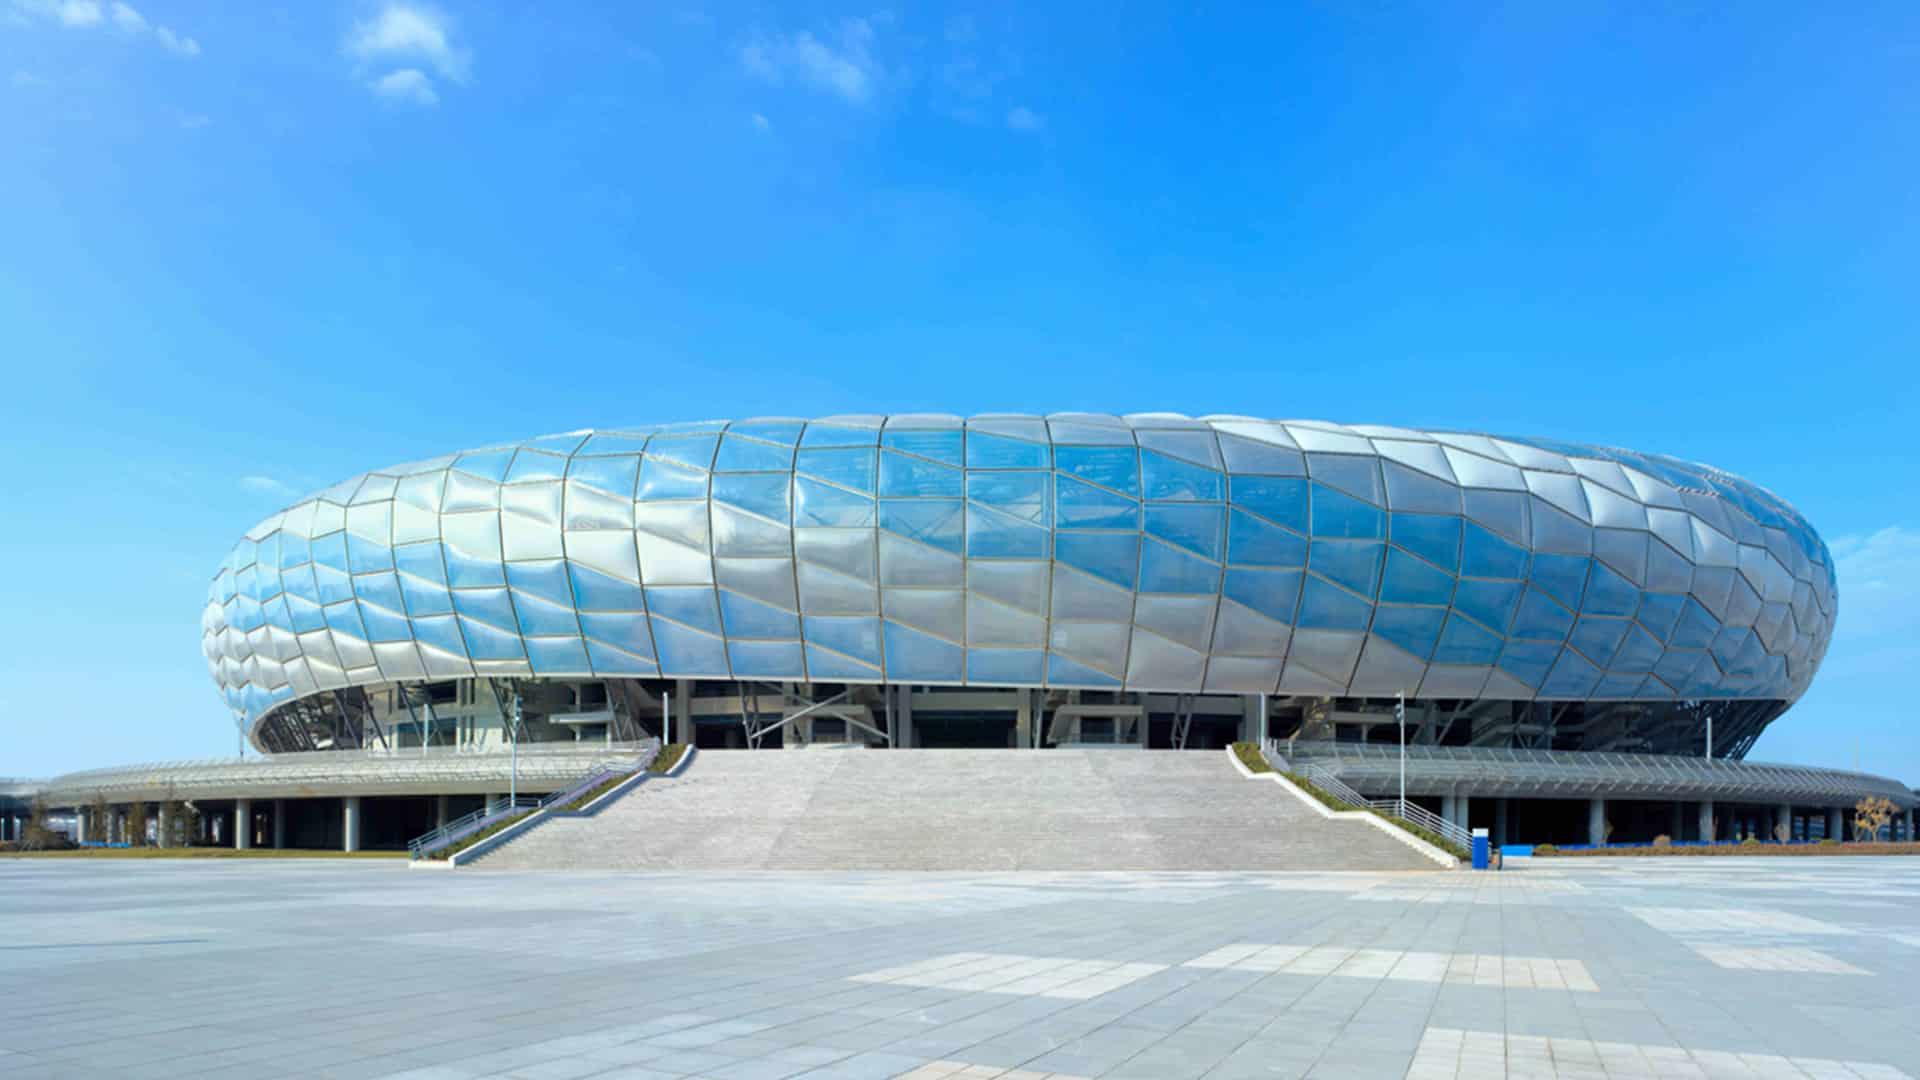 Individuelle Texlon® ETFE Panele reduzieren Stahltragwerk